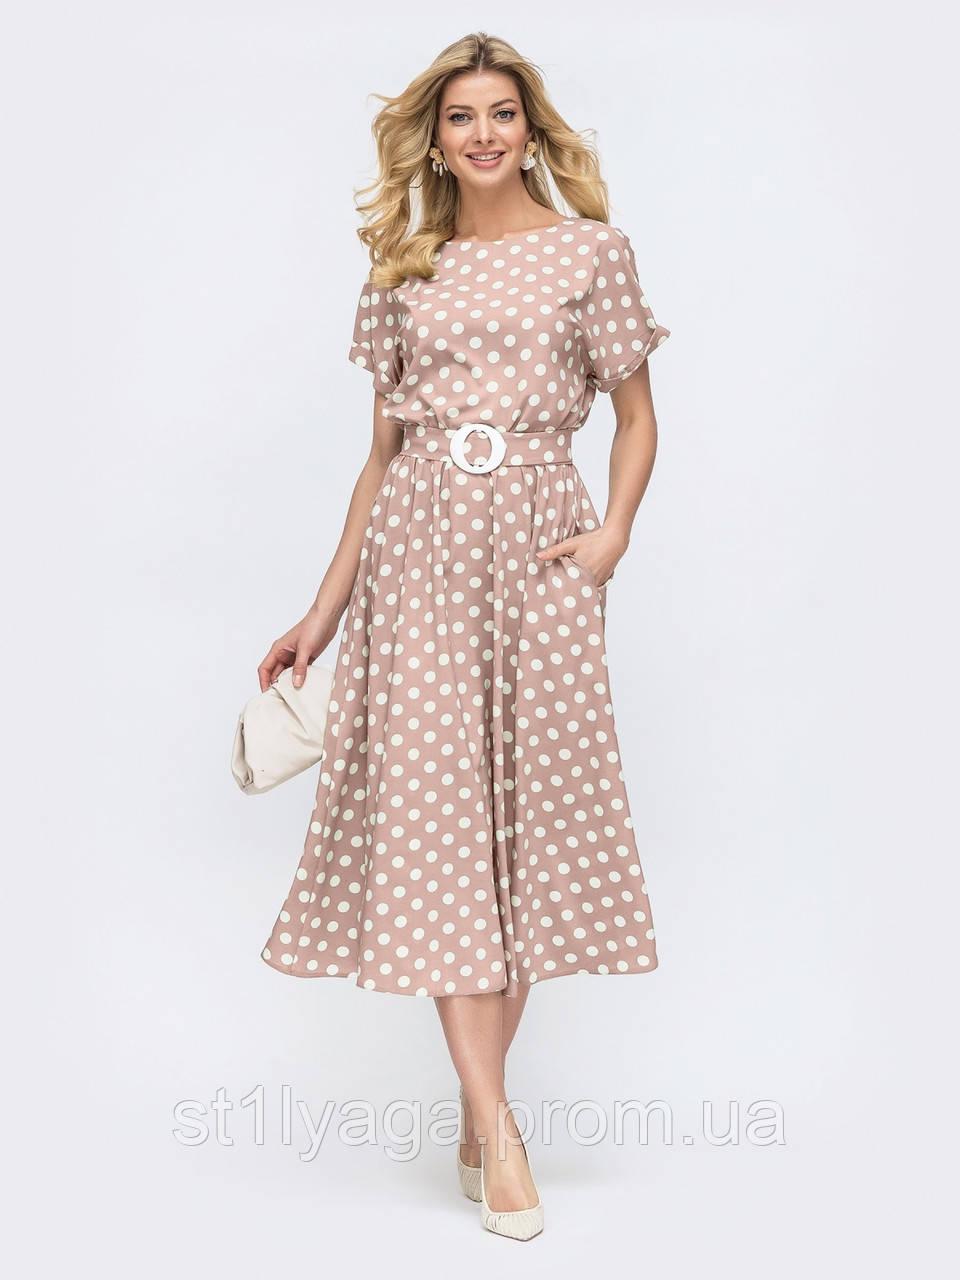 Повсякденне плаття-міді в горох ЛІТО